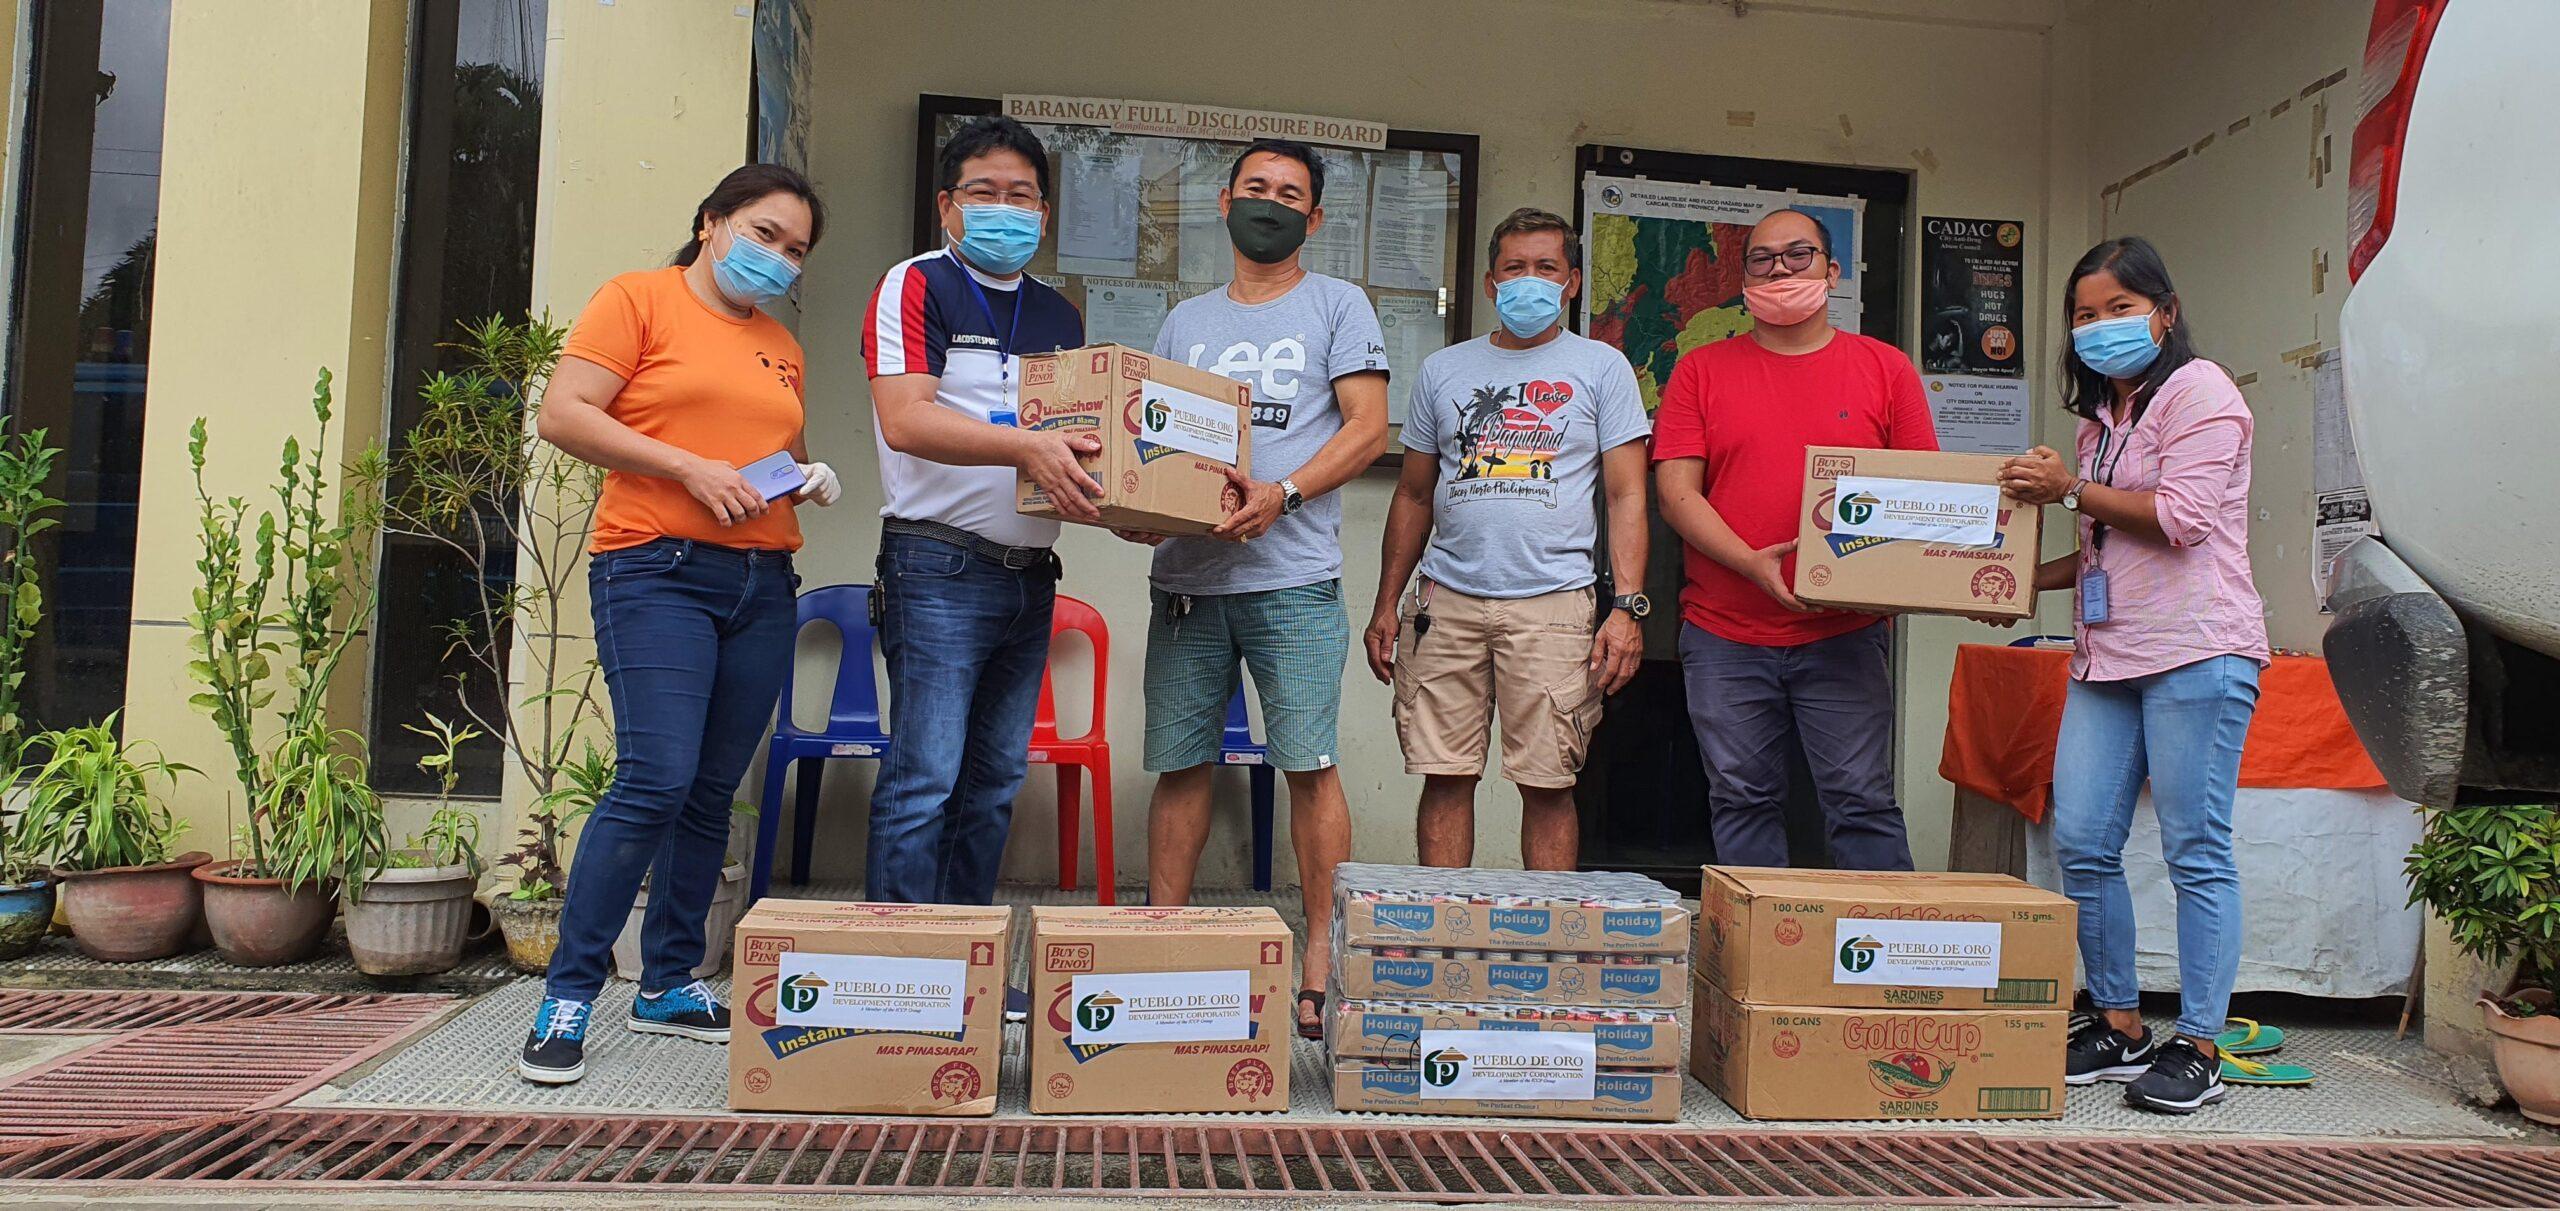 Pueblo De Oro's Grocery Donations